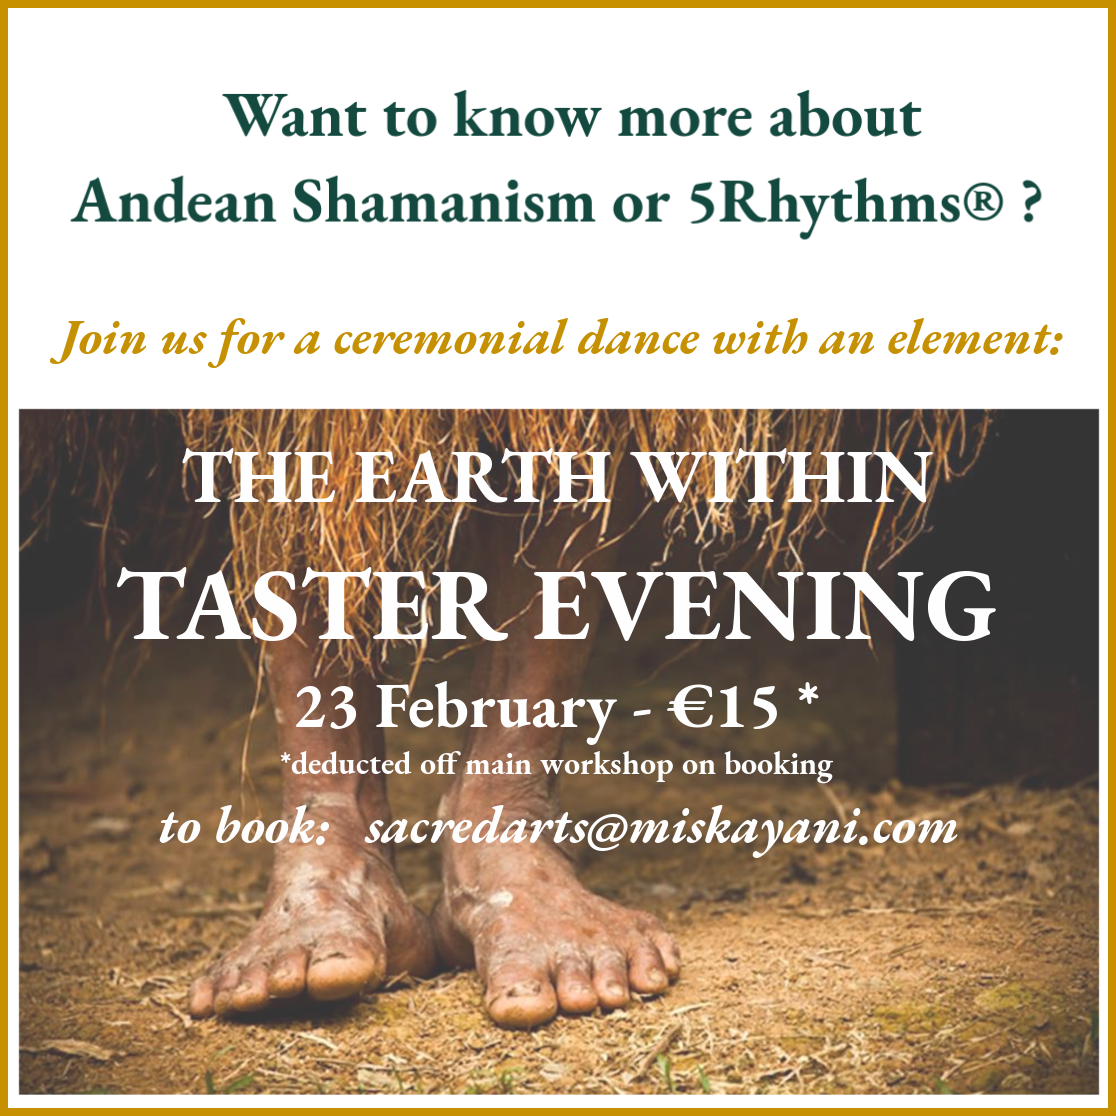 taster evening 23 Feb